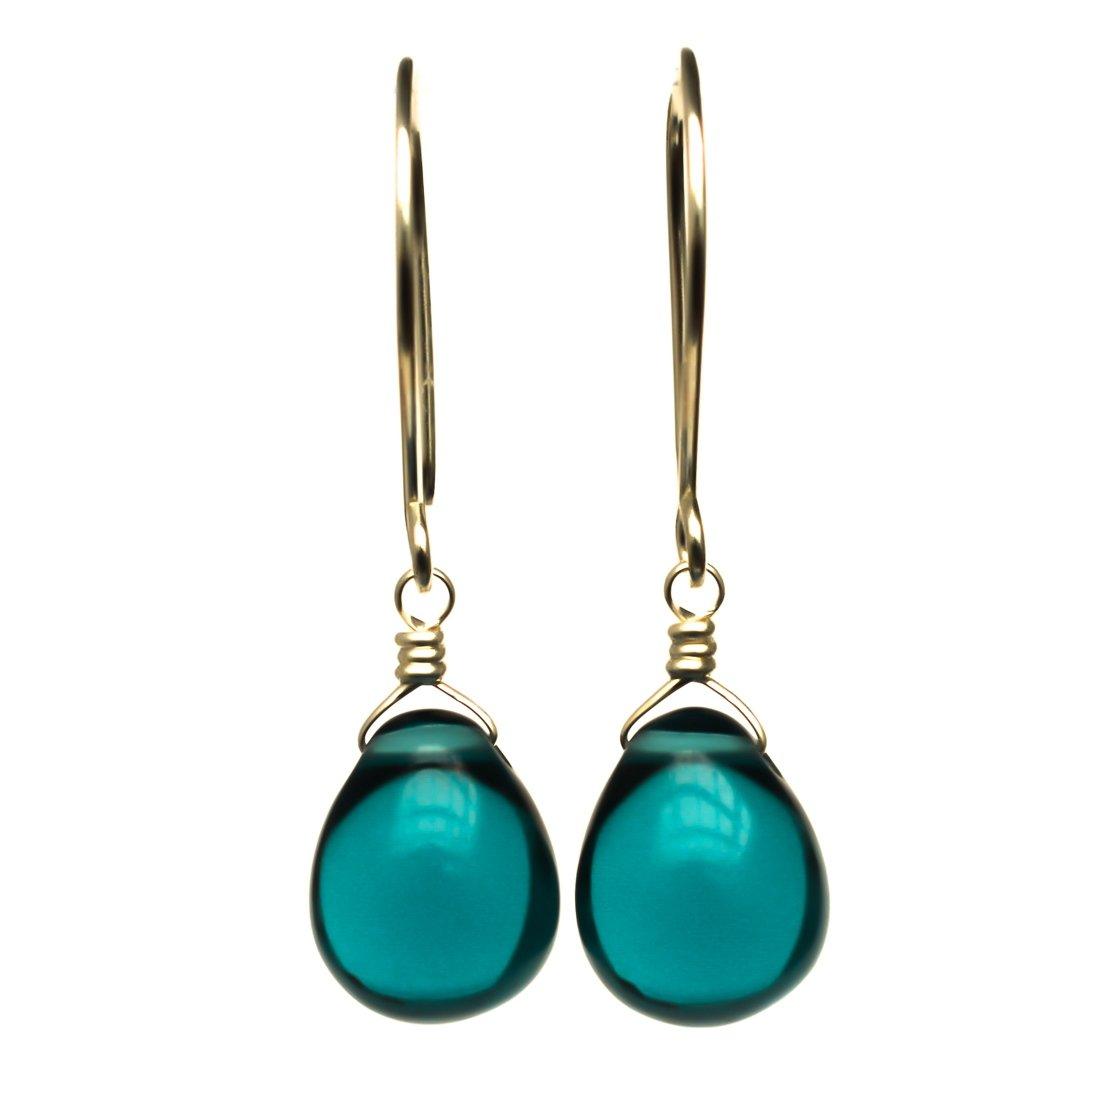 Image of Dark blue glass drop earrings